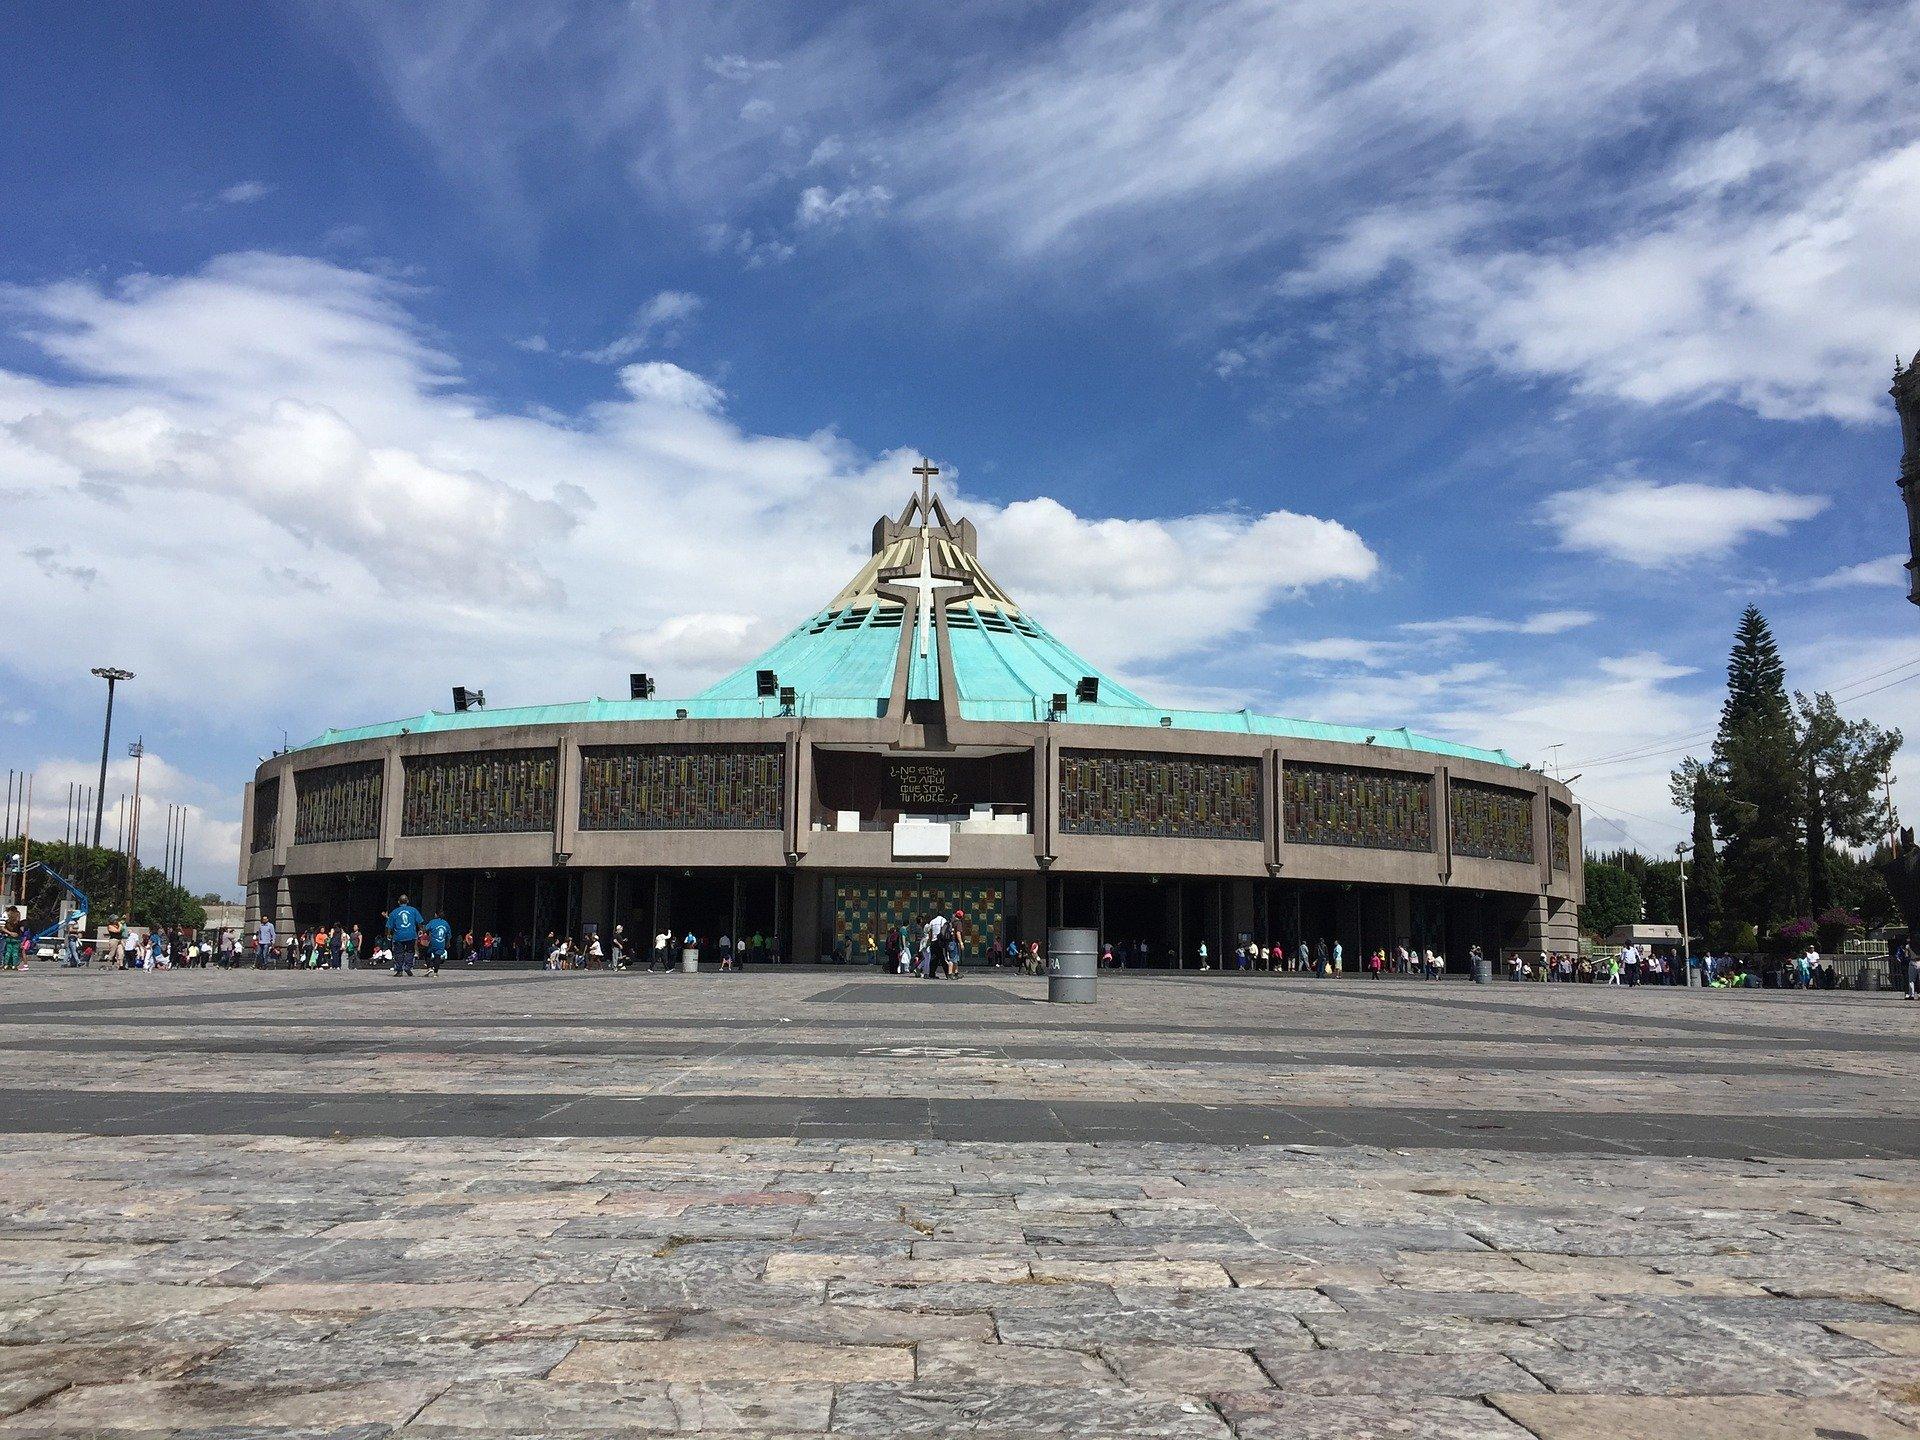 Basílica de Guadalupe permanecerá cerrada del 10 al 13 de diciembre para evitar aglomeraciones